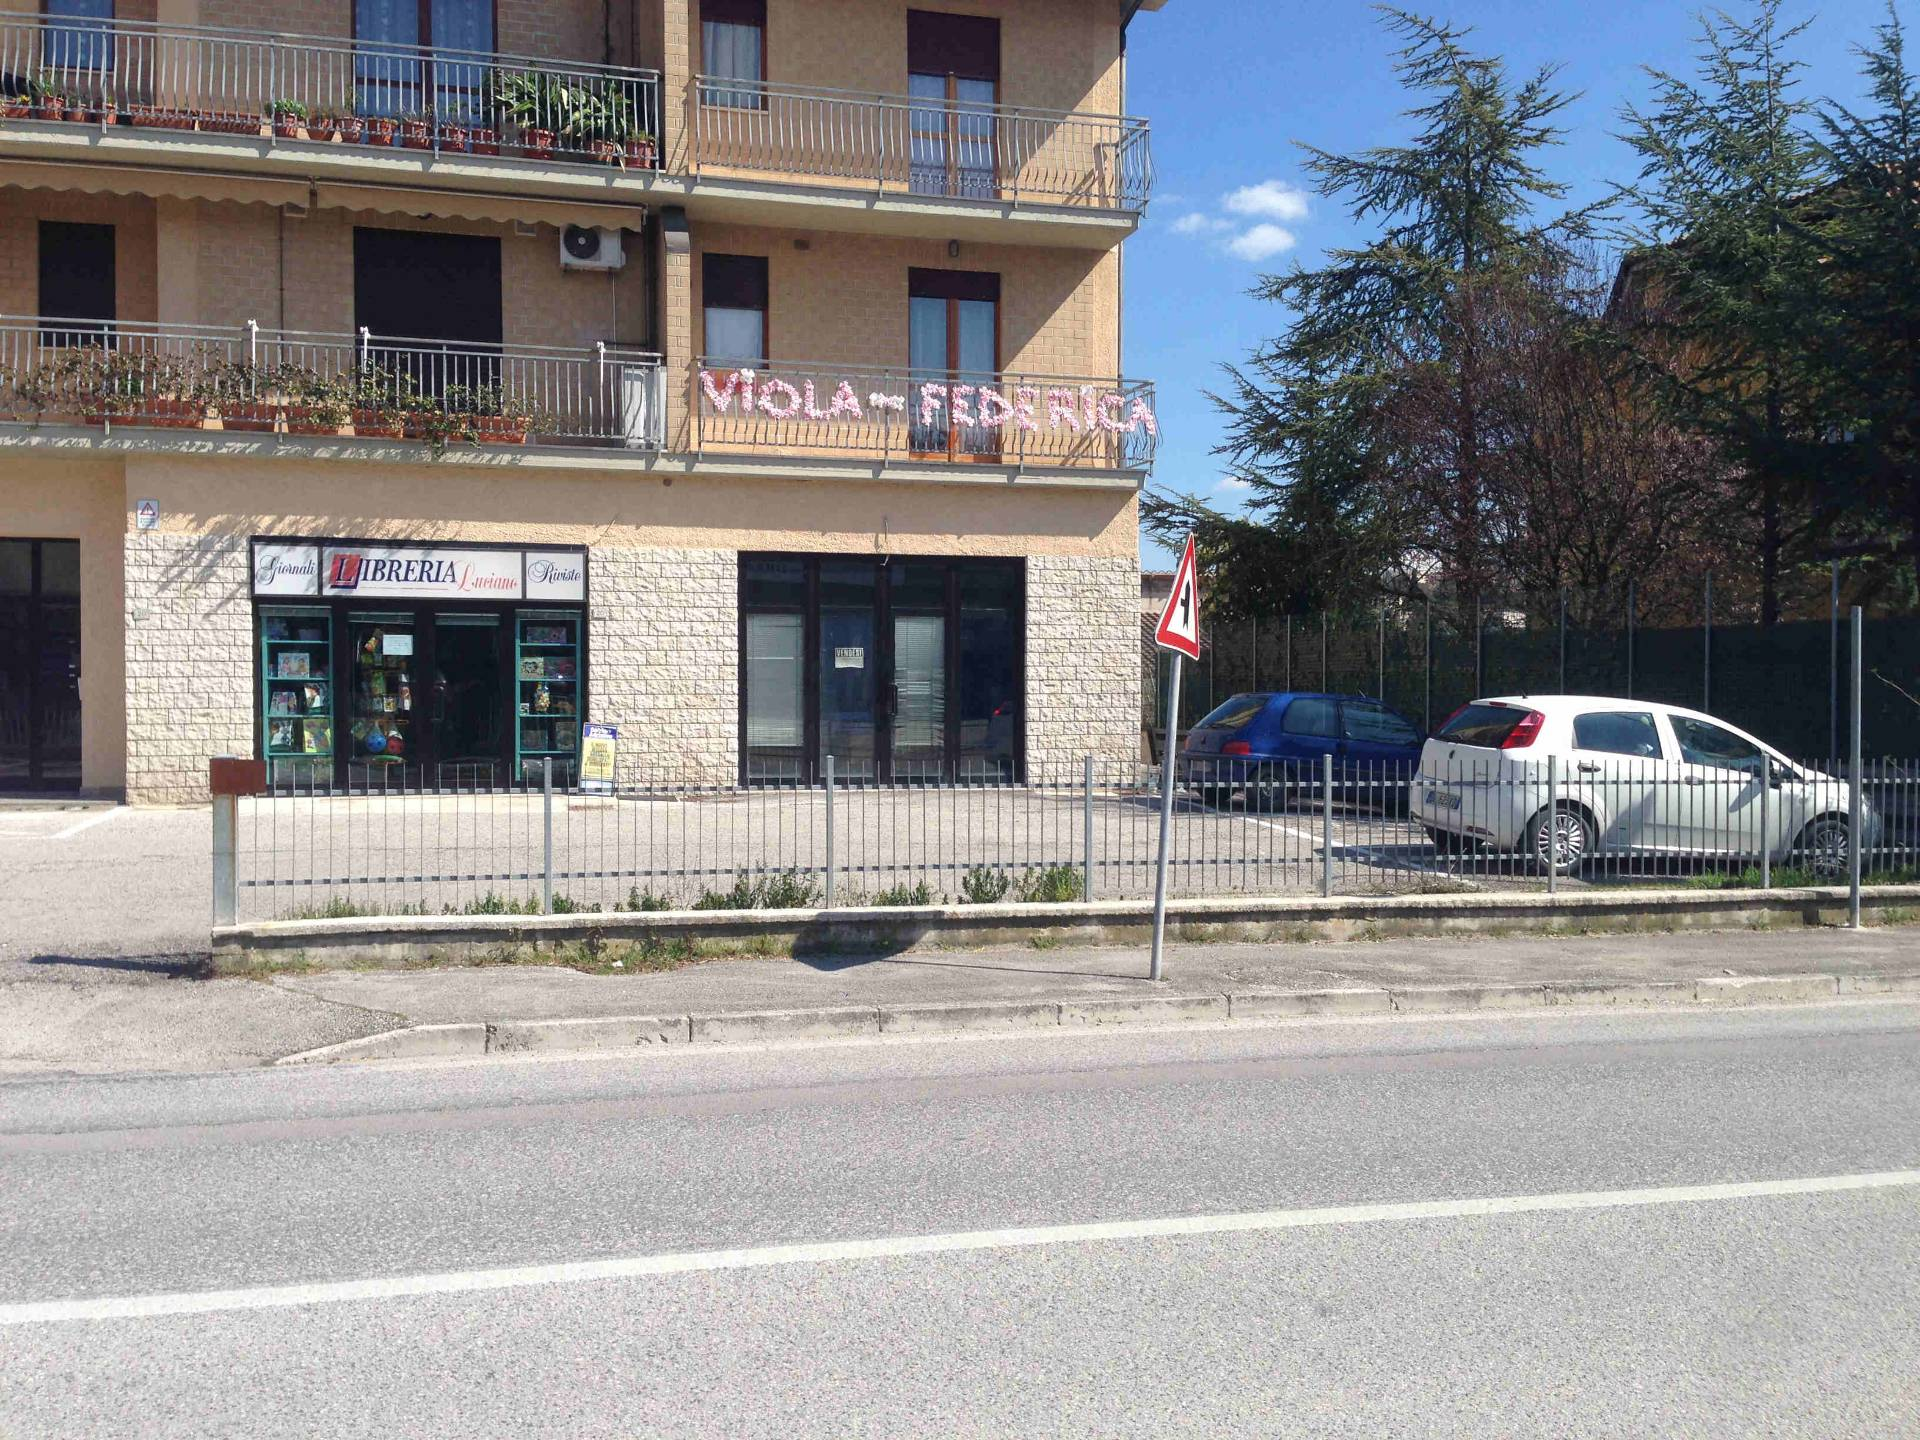 Negozio / Locale in vendita a Sassoferrato, 9999 locali, Trattative riservate | CambioCasa.it